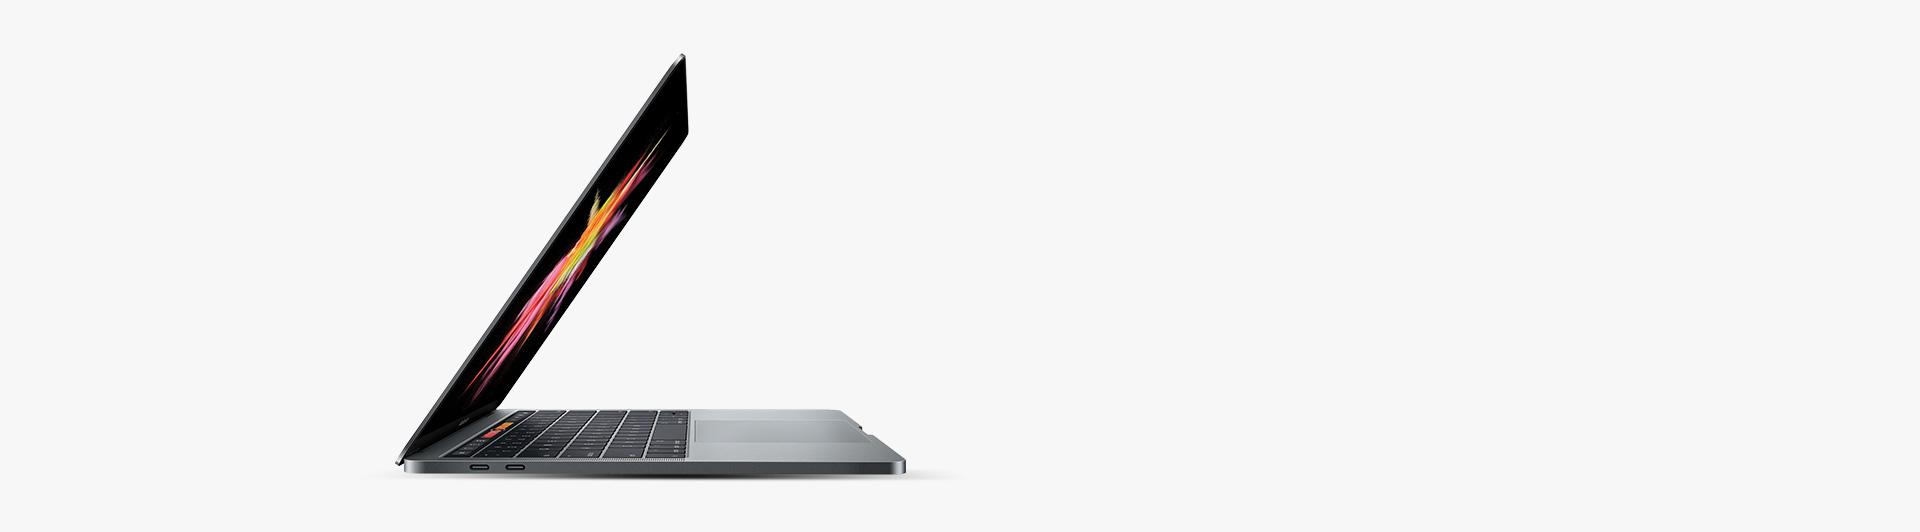 Macbook Pro 13 Inch 256GB 3.1GHz (2017) sang trọng và thời thượng